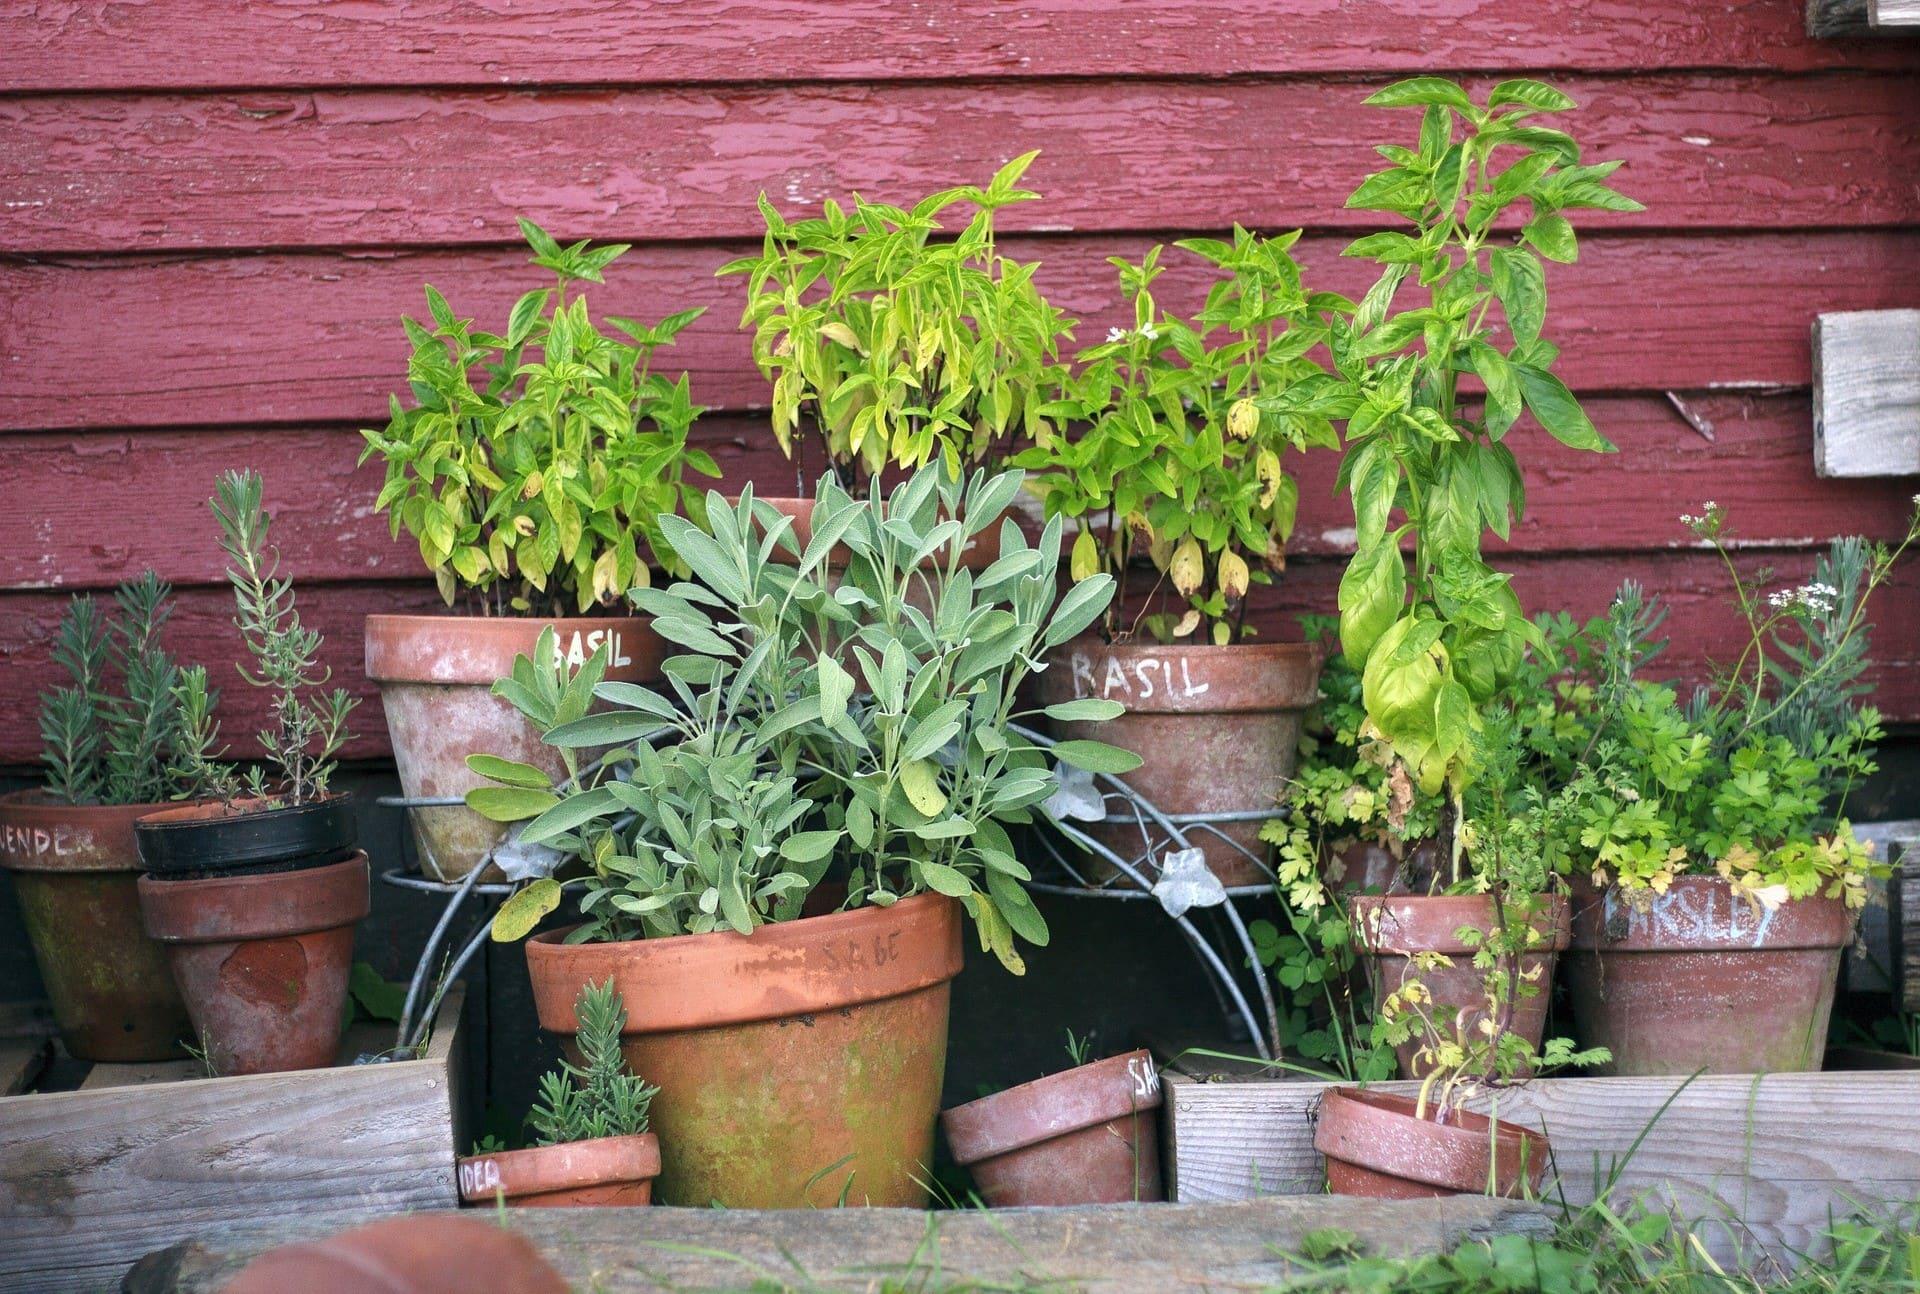 Le-piante-aromatiche-in-vaso